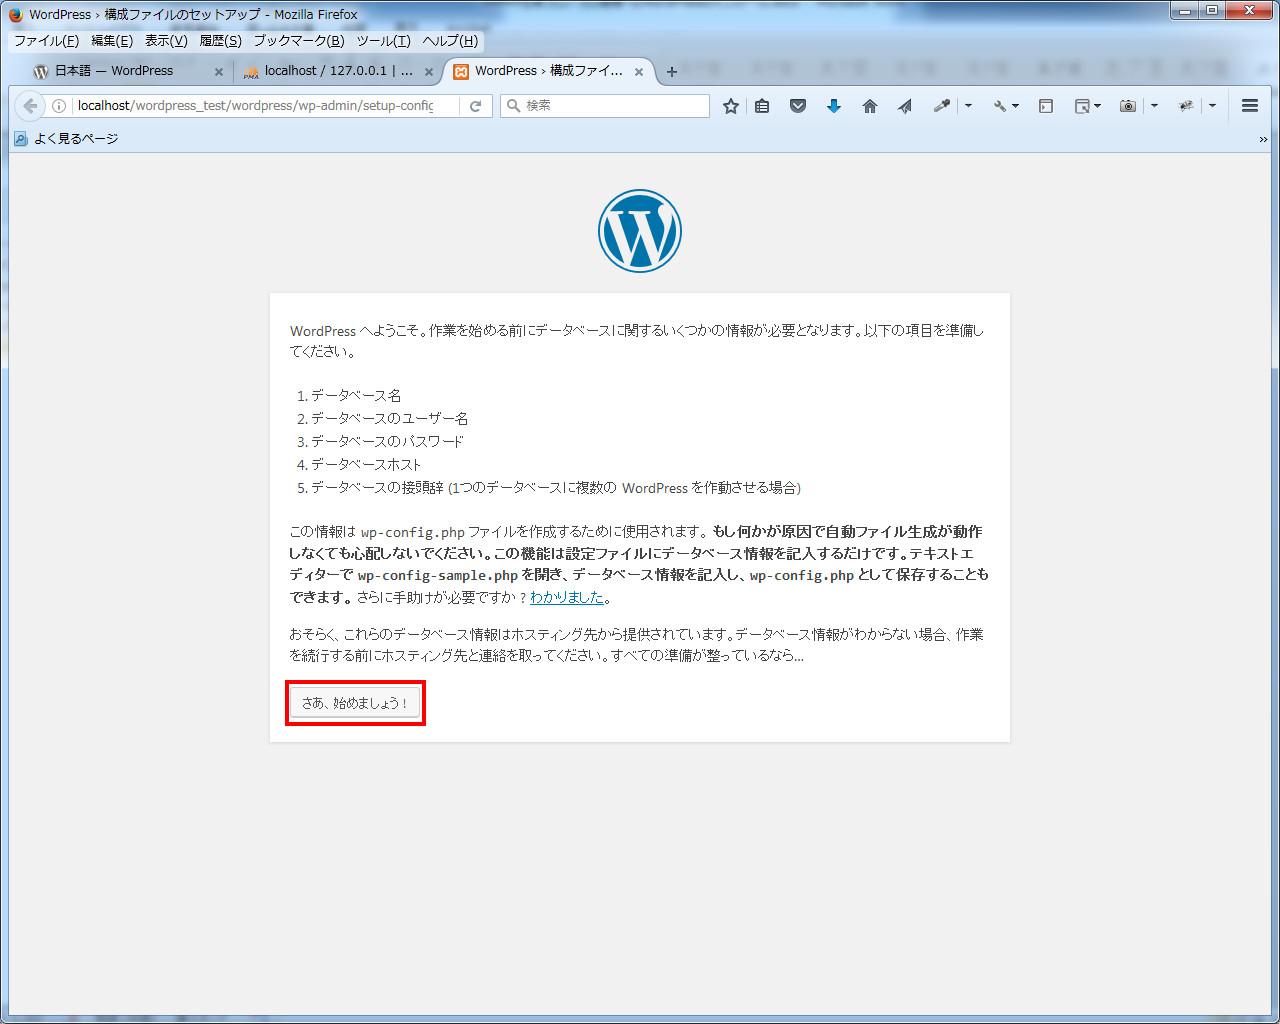 WordPressのインストールの準備を開始する